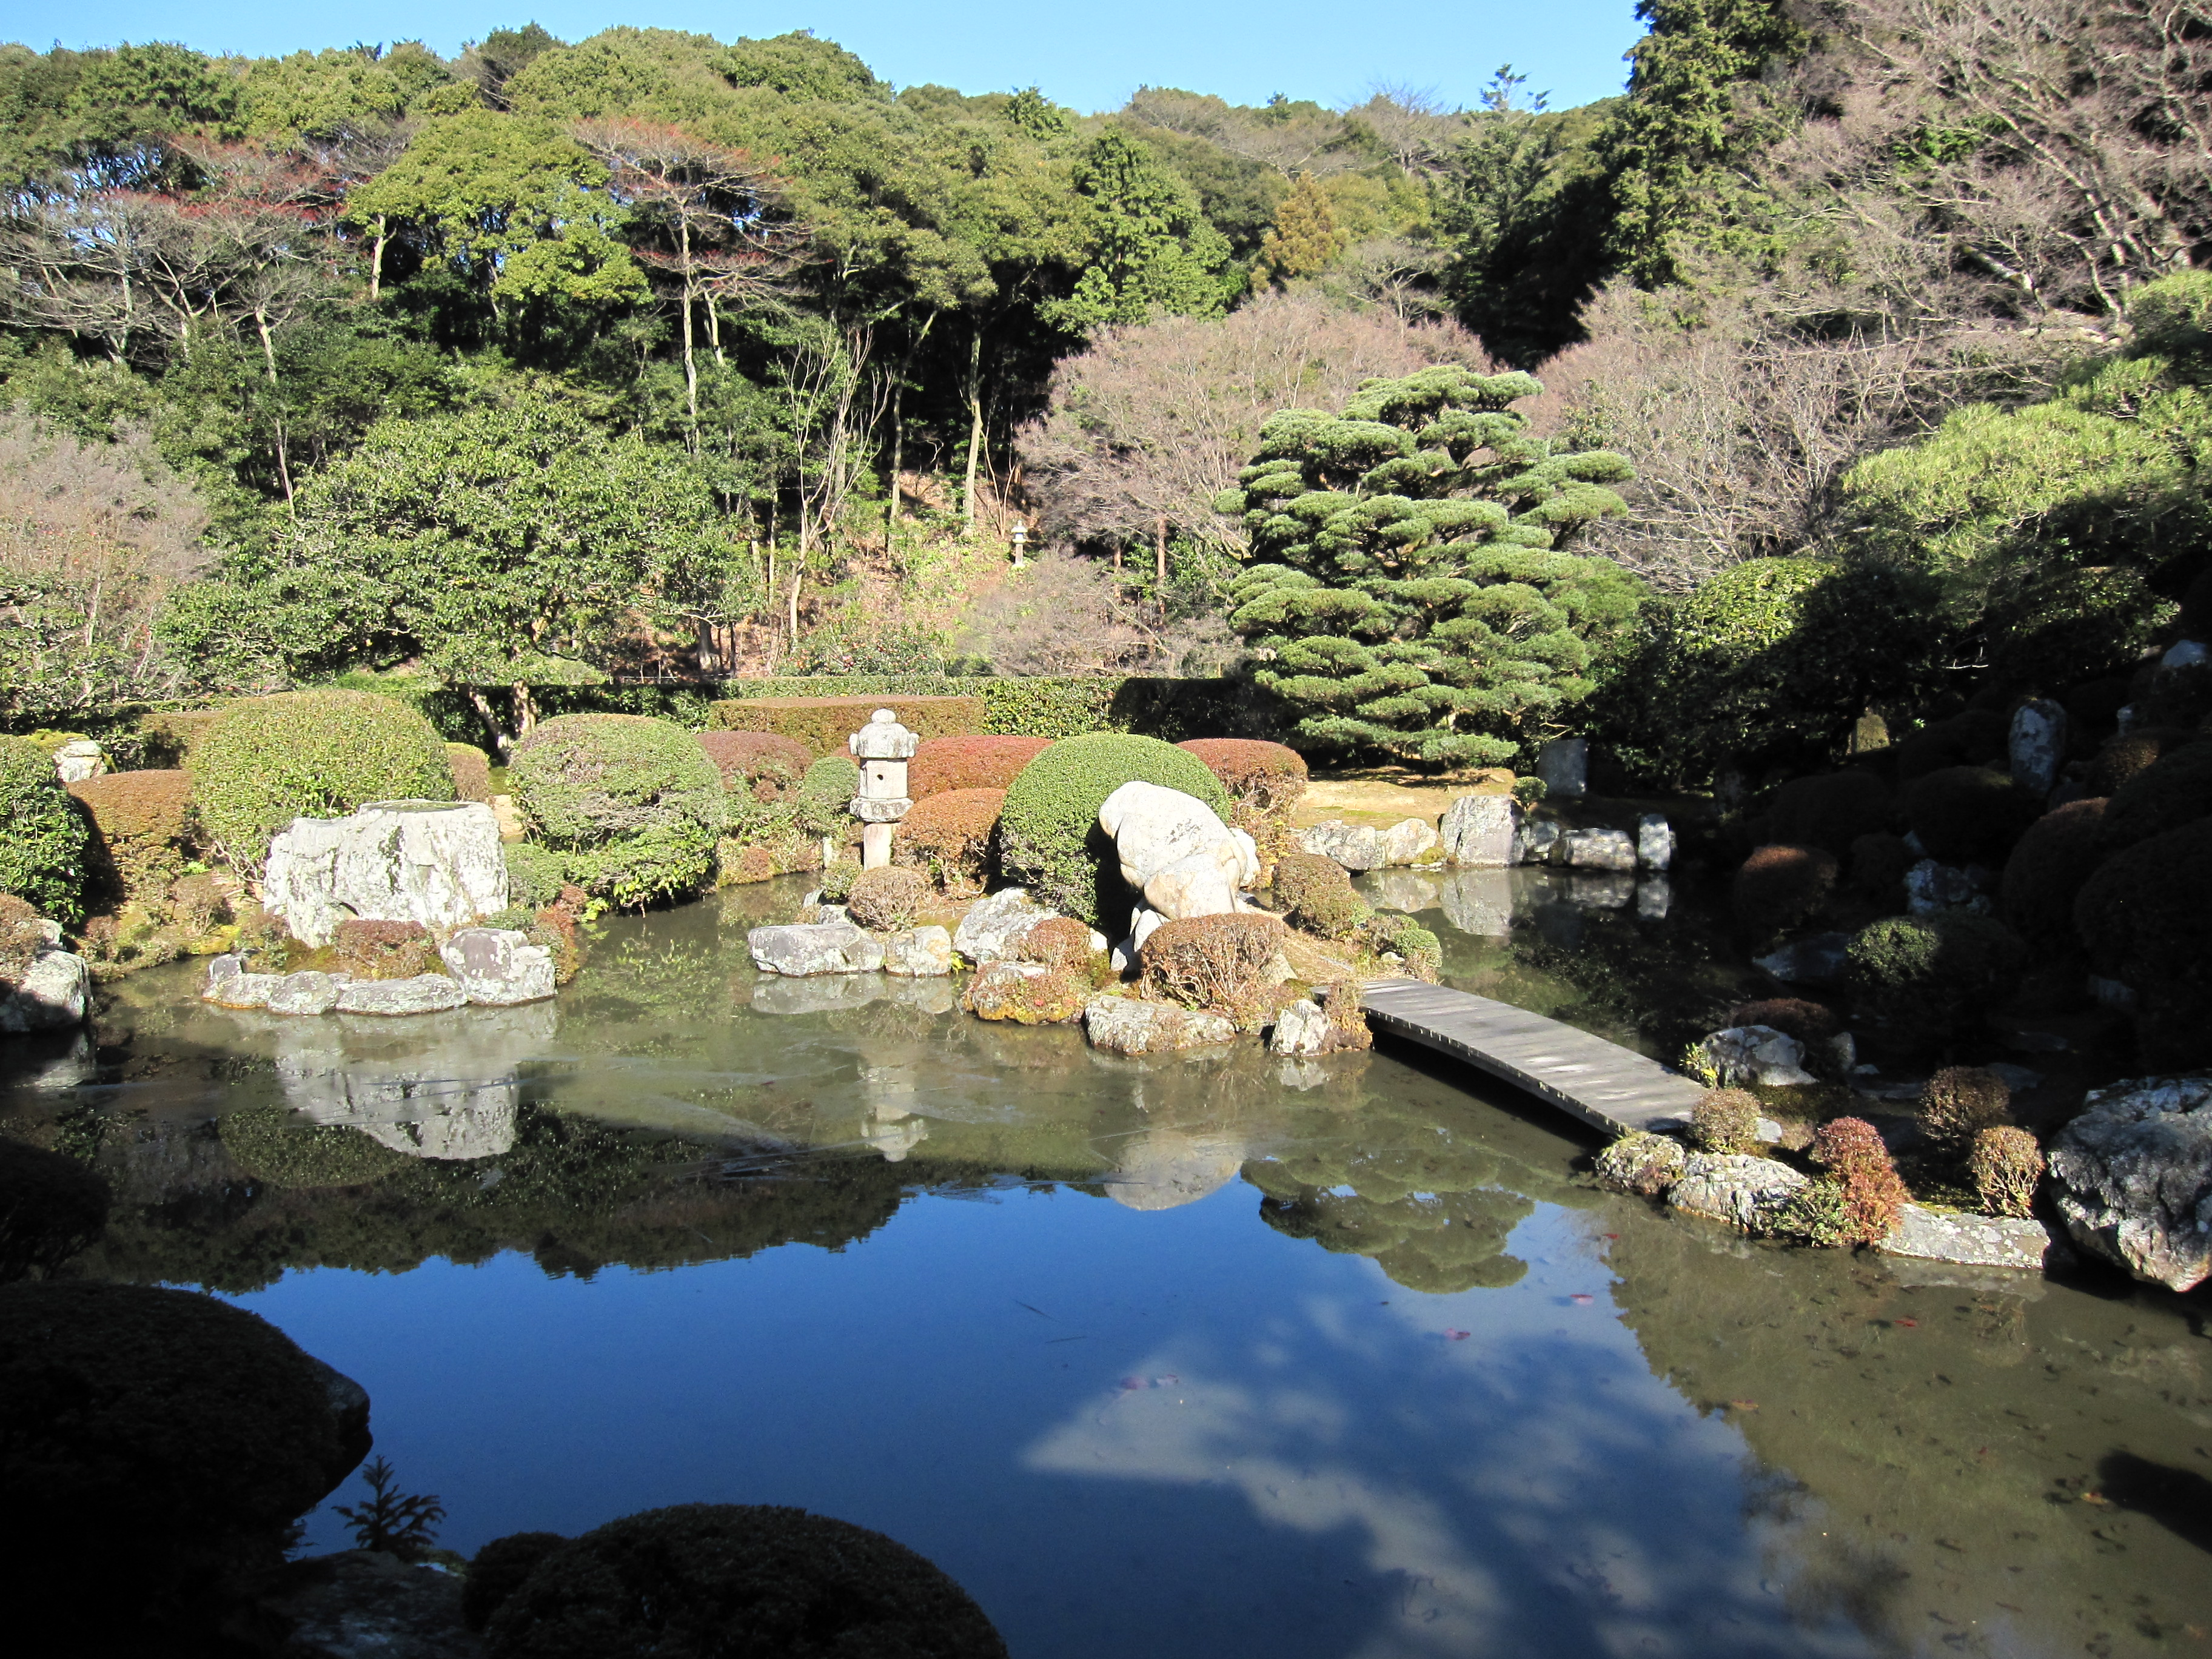 清水寺成就院庭園の画像